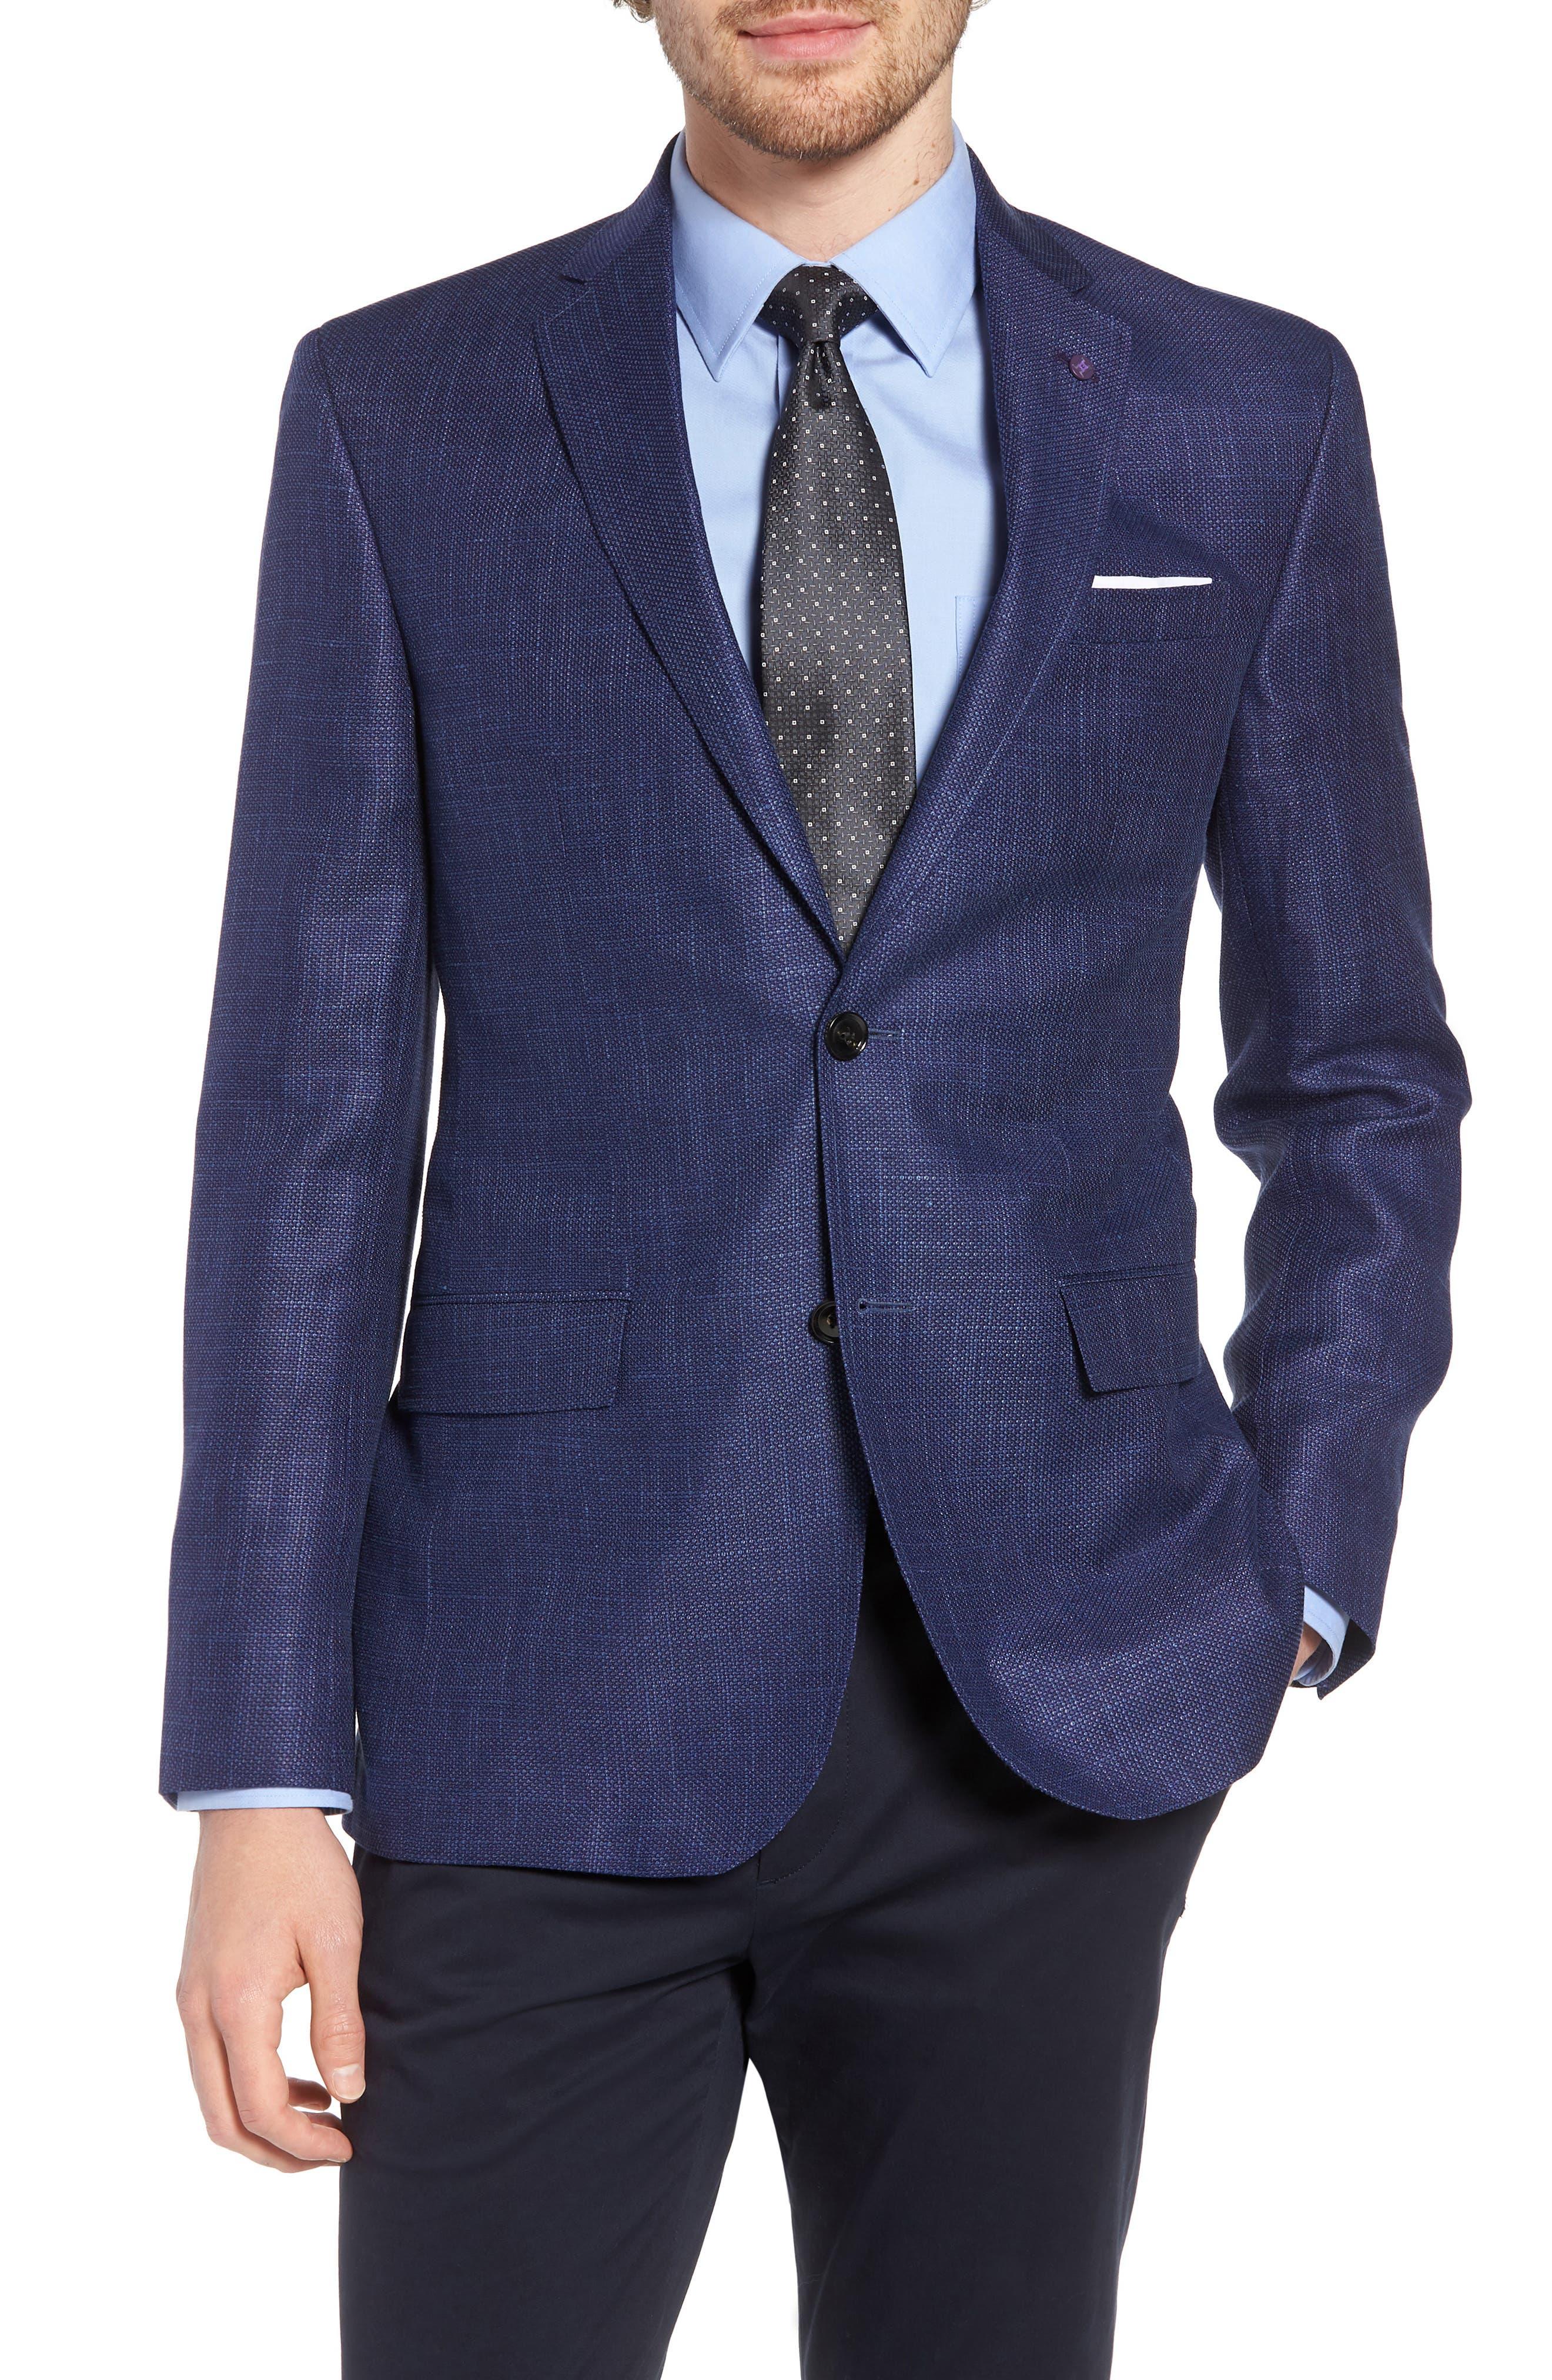 Jay Trim Fit Linen & Wool Blazer,                             Main thumbnail 1, color,                             Blue